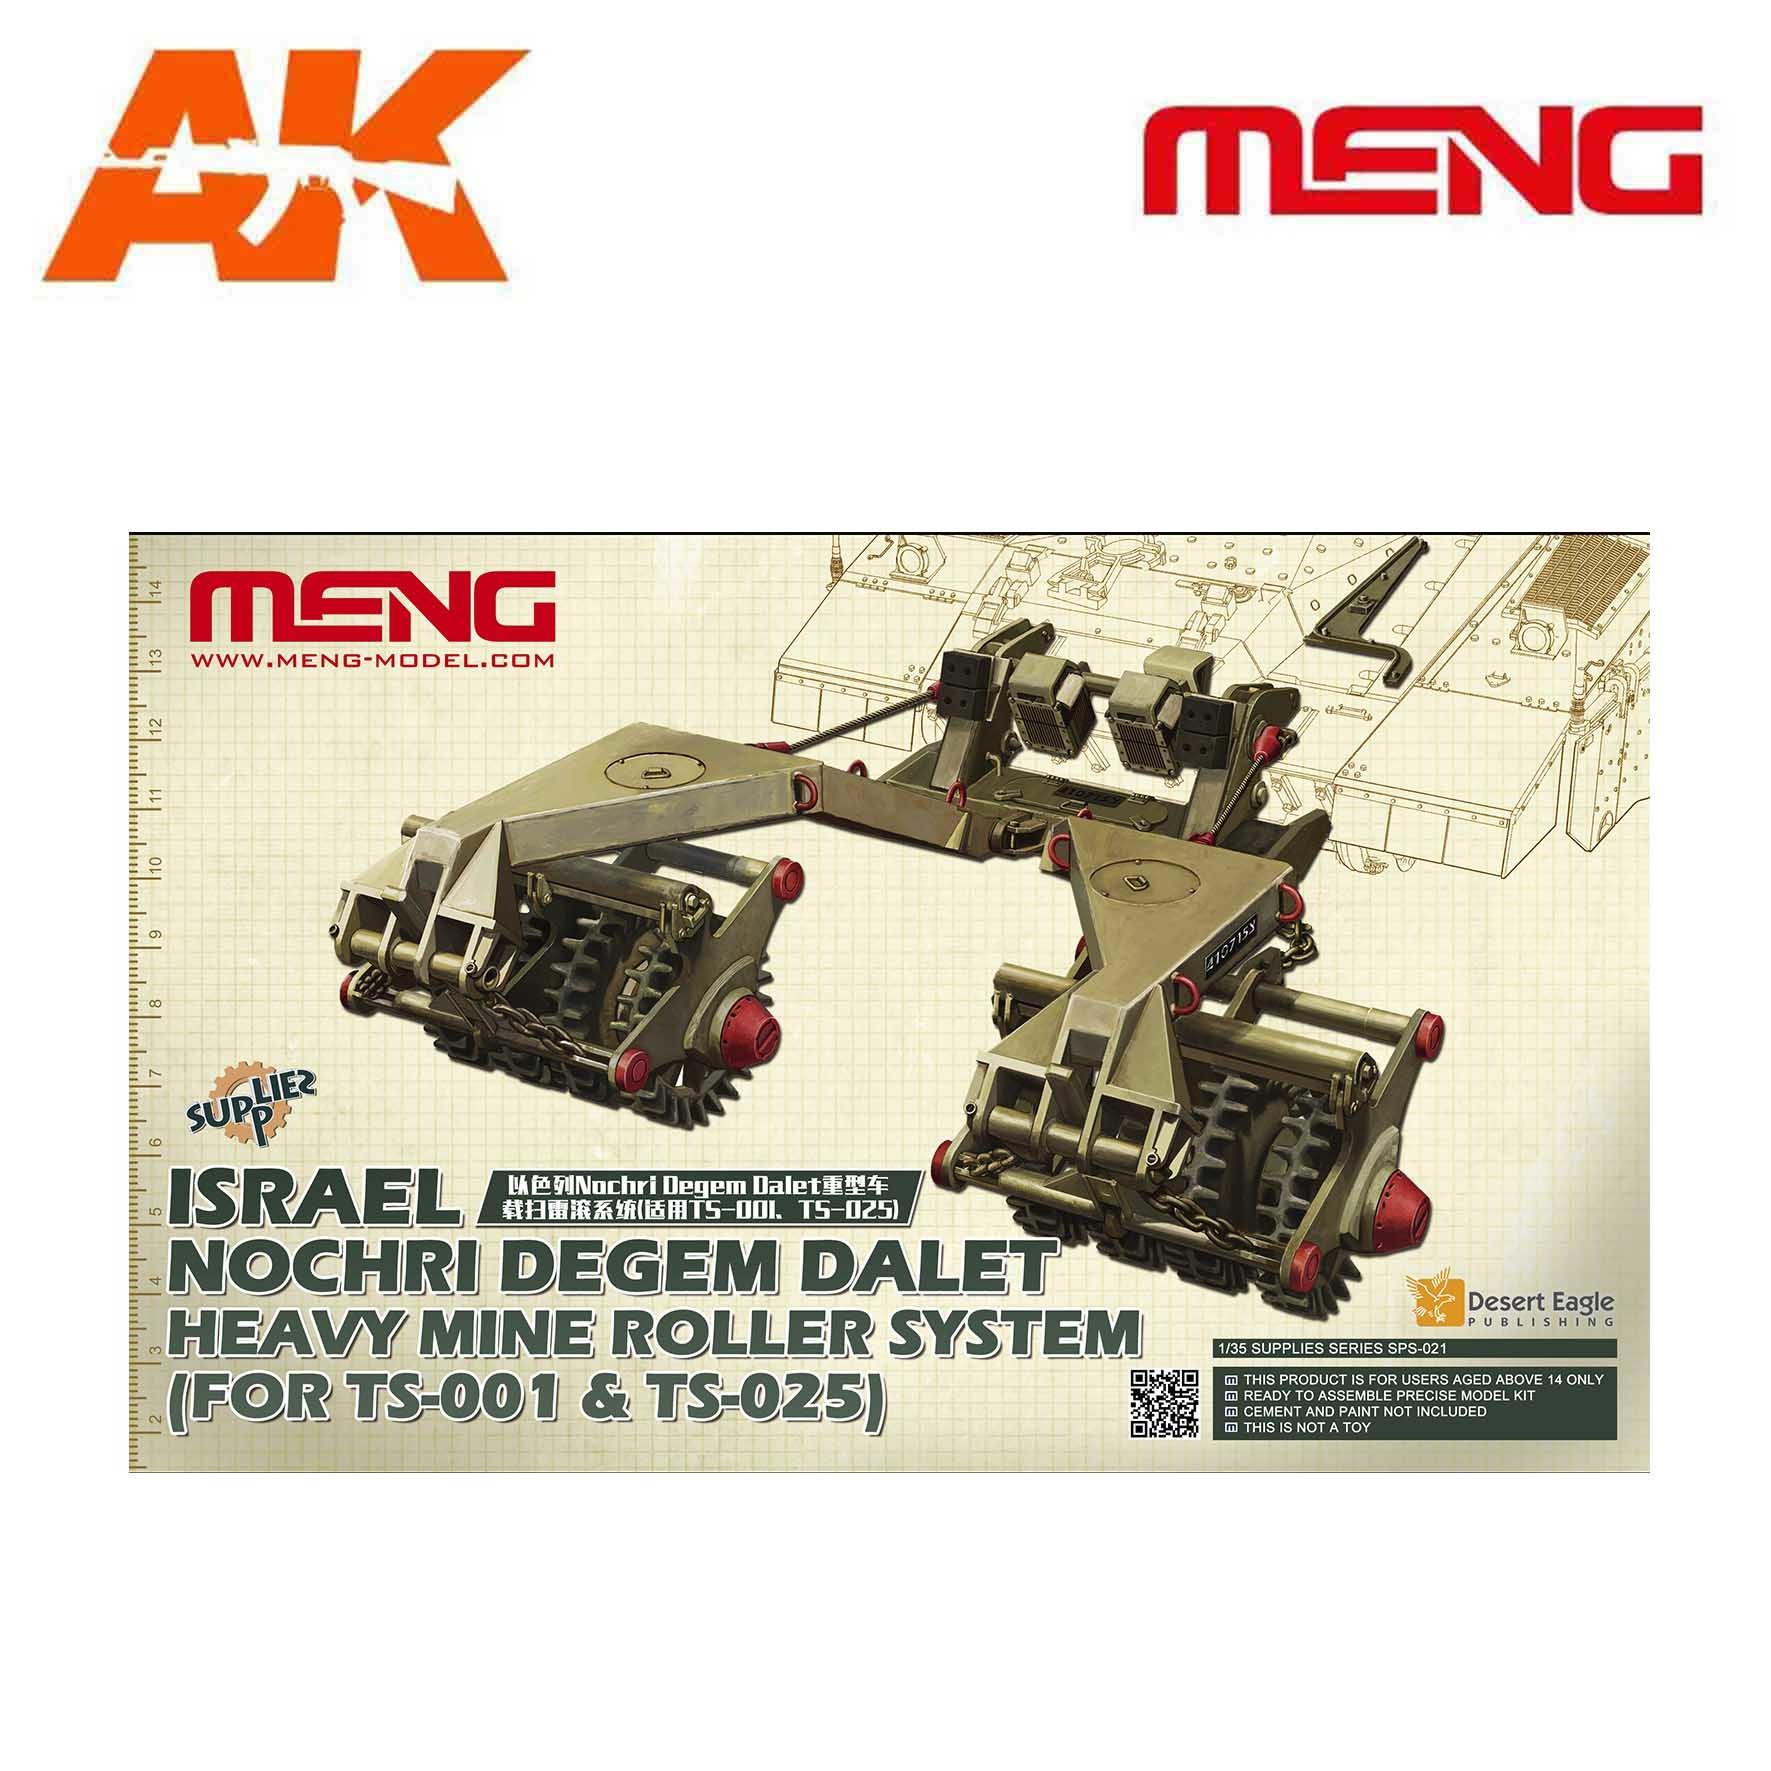 Meng Models Israel Nochri Degem Dalet Heavy Mine Roller System (For TS-001&TS-025) - Scale 1/35 - Meng Models - MM SPS-021